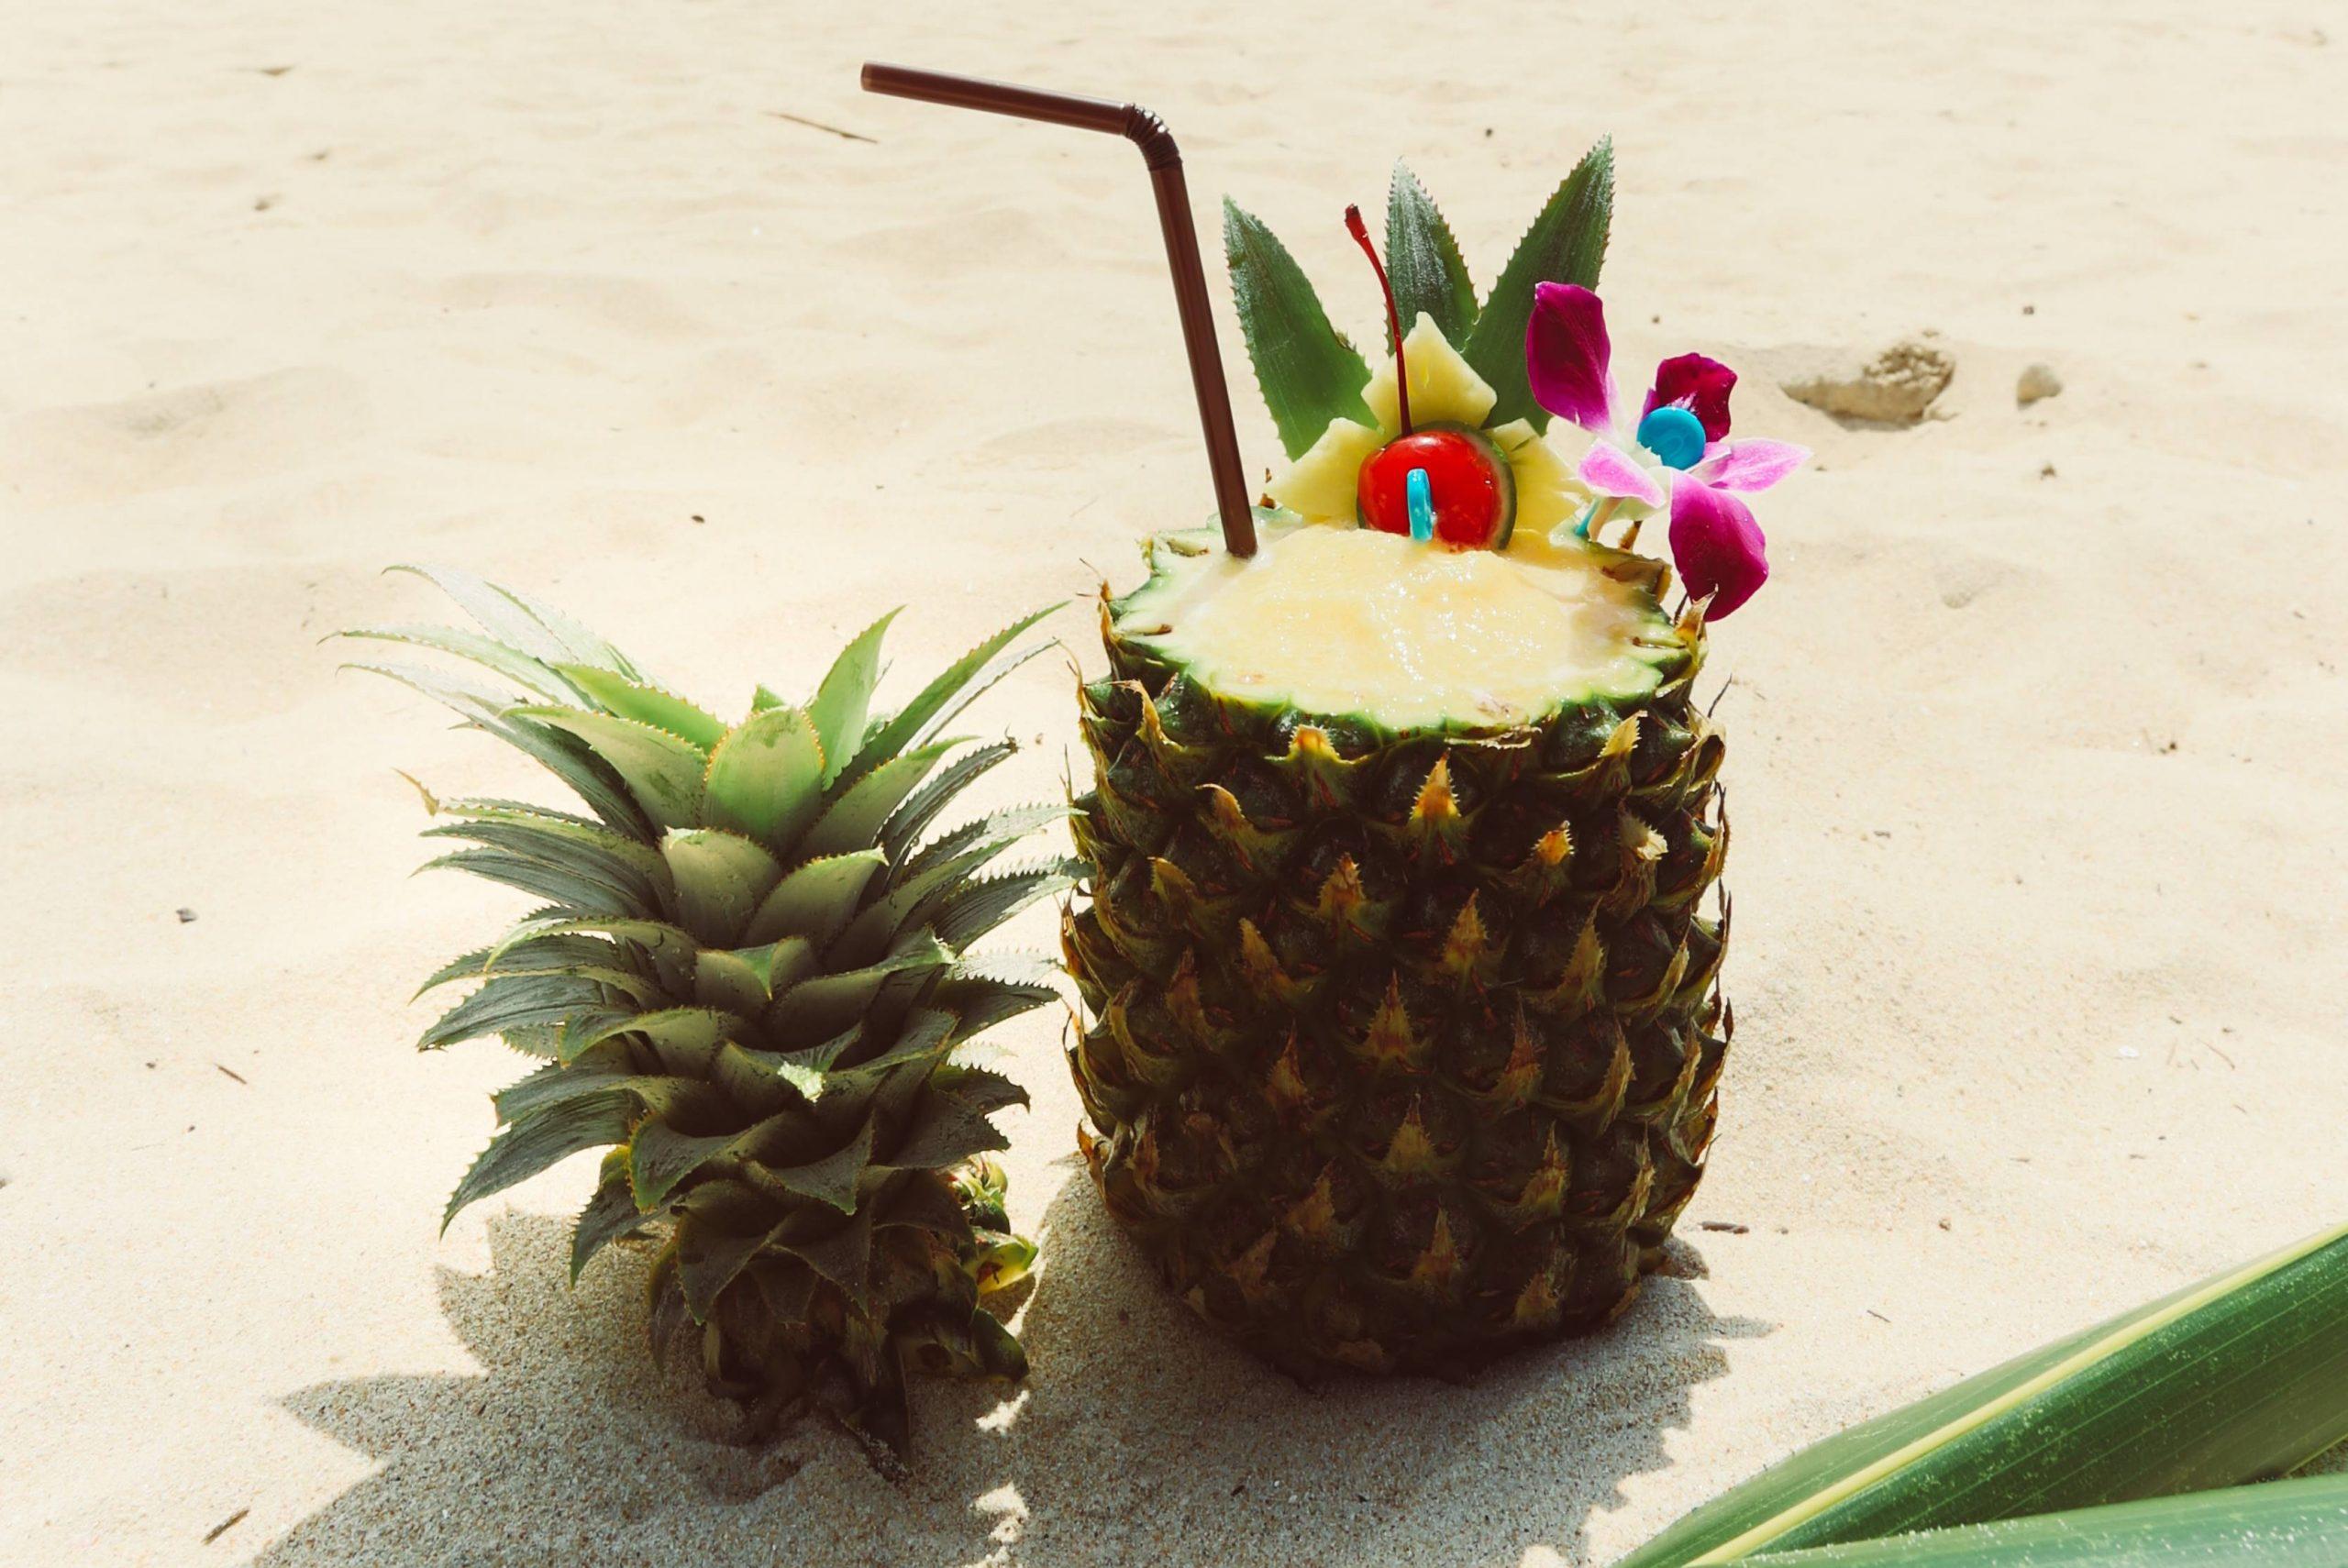 Wat eet en drink je op warme dagen?